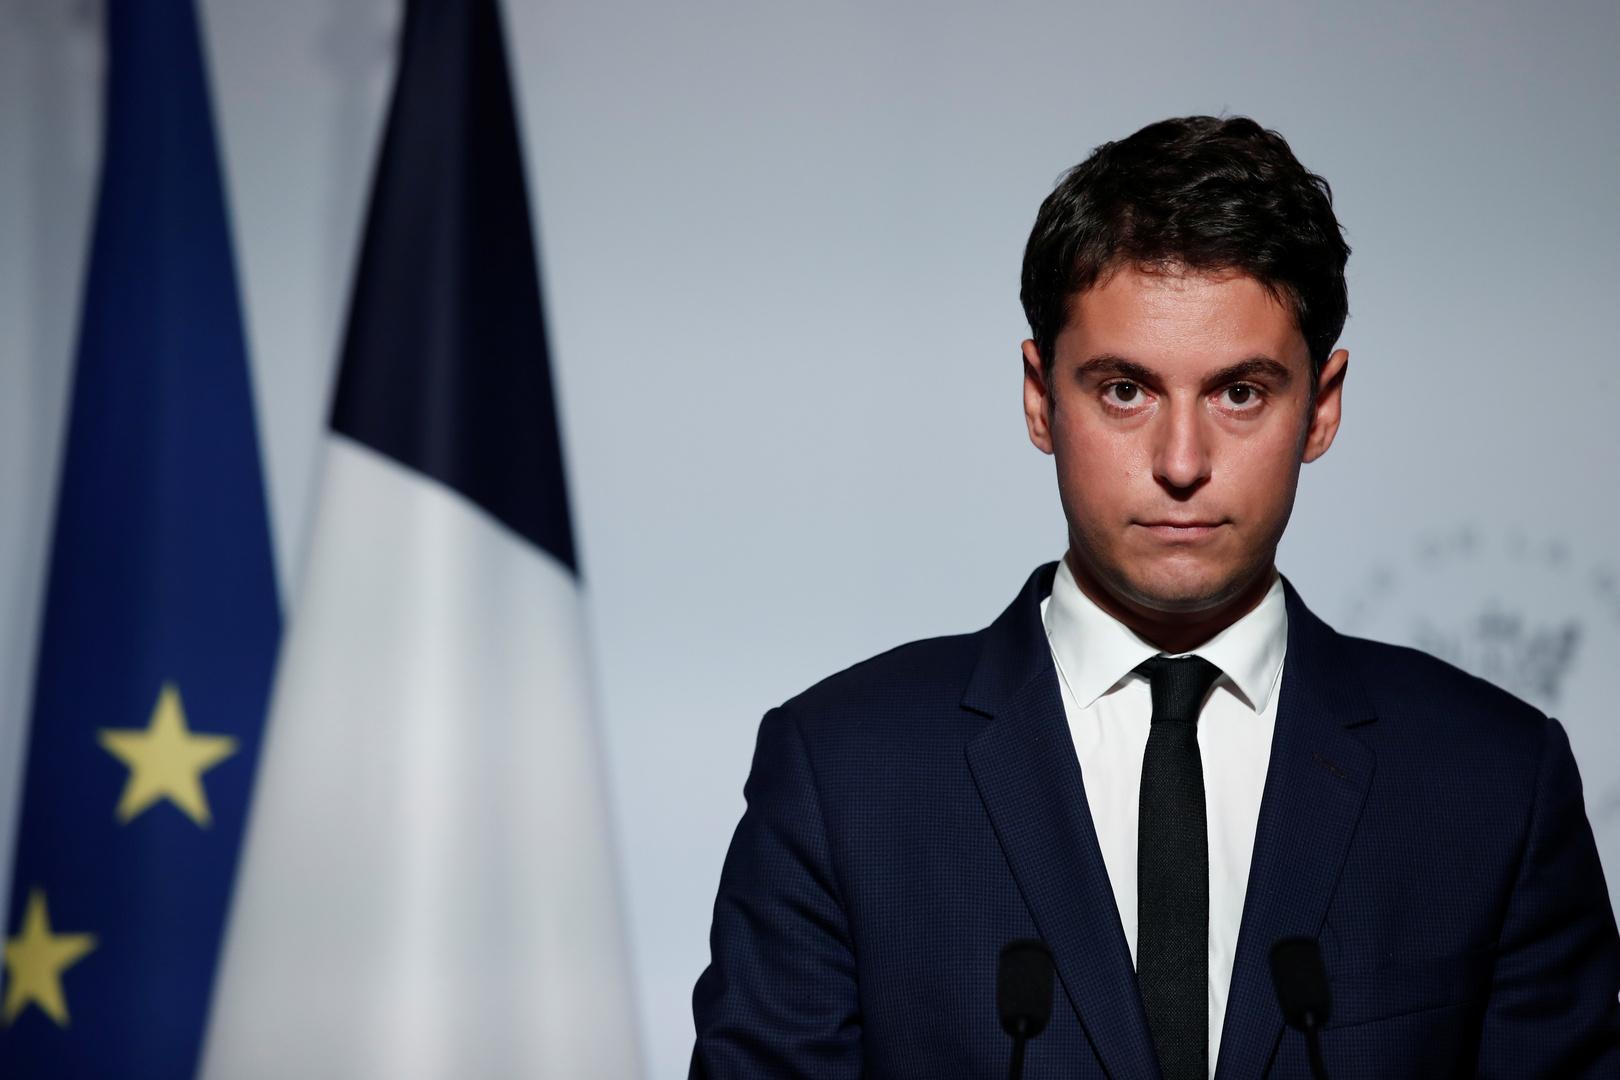 الحكومة الفرنسية تؤكد رغبتها في تخفيض عدد تأشيرات الدخول للجزائريين والمغاربة والتونسيين بشكل حاد